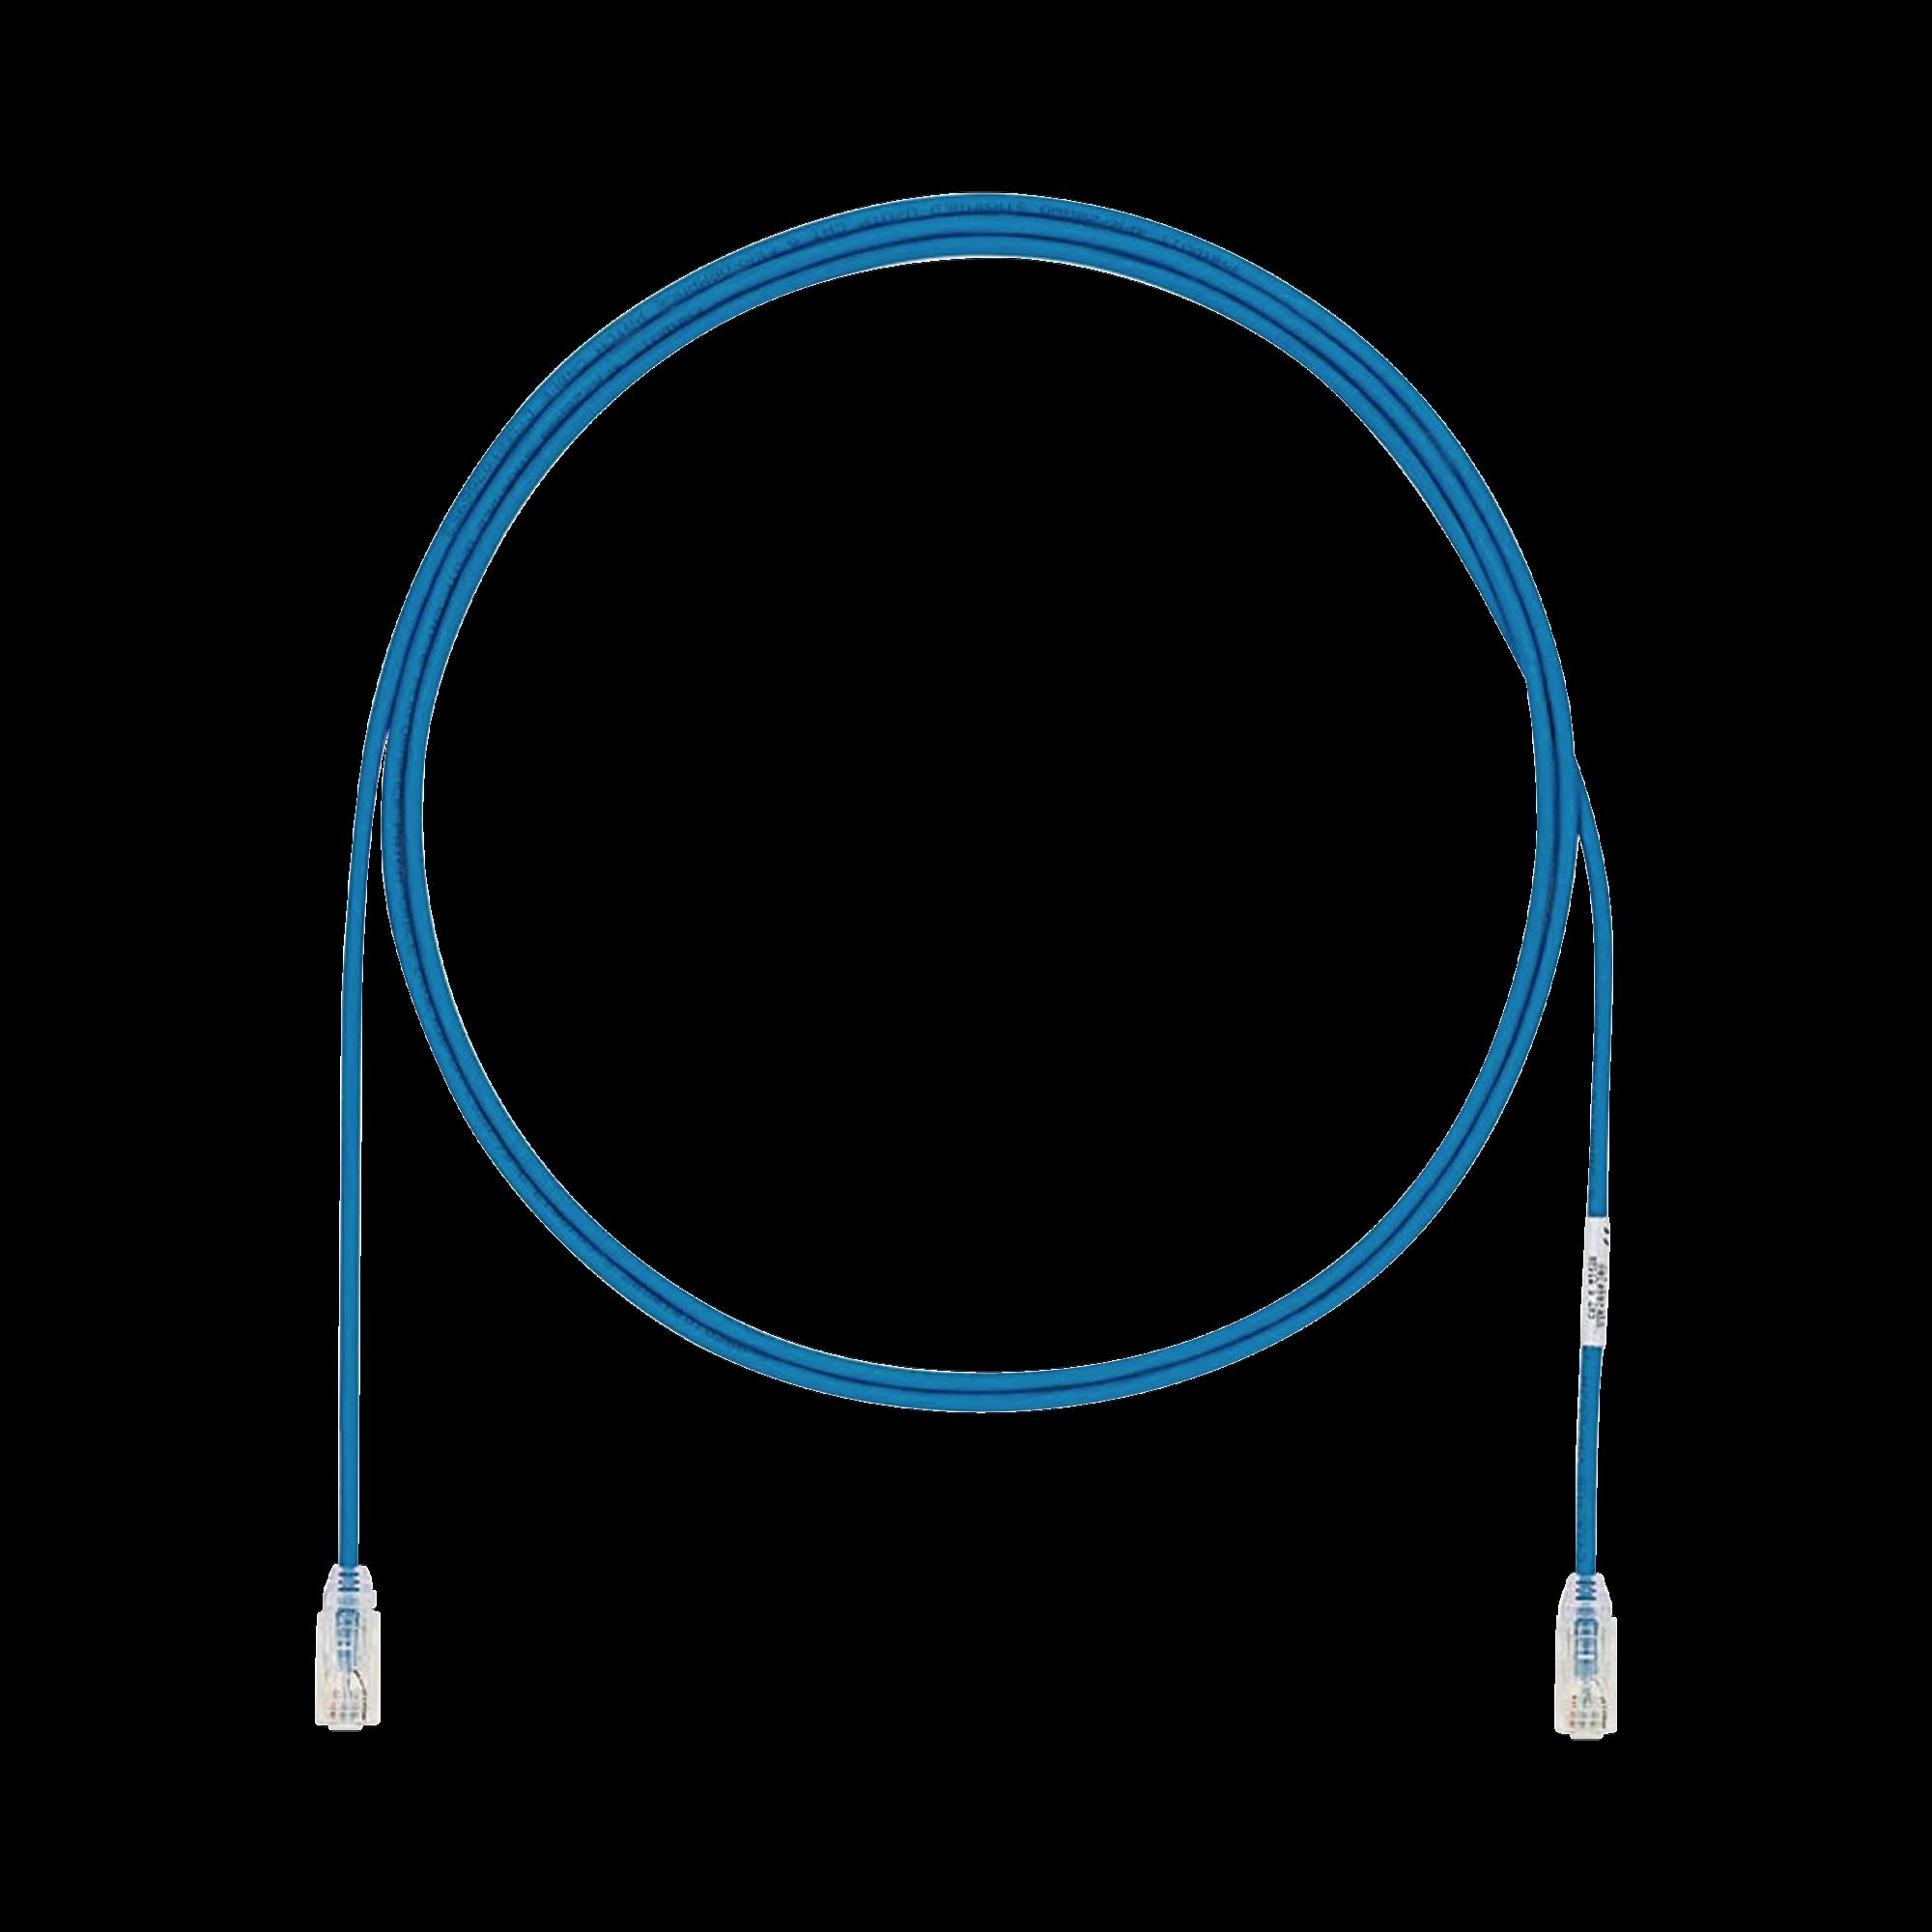 Cable de Parcheo UTP Cat6A, CM/LSZH, Diámetro Reducido (28AWG), Color Azul, 10ft